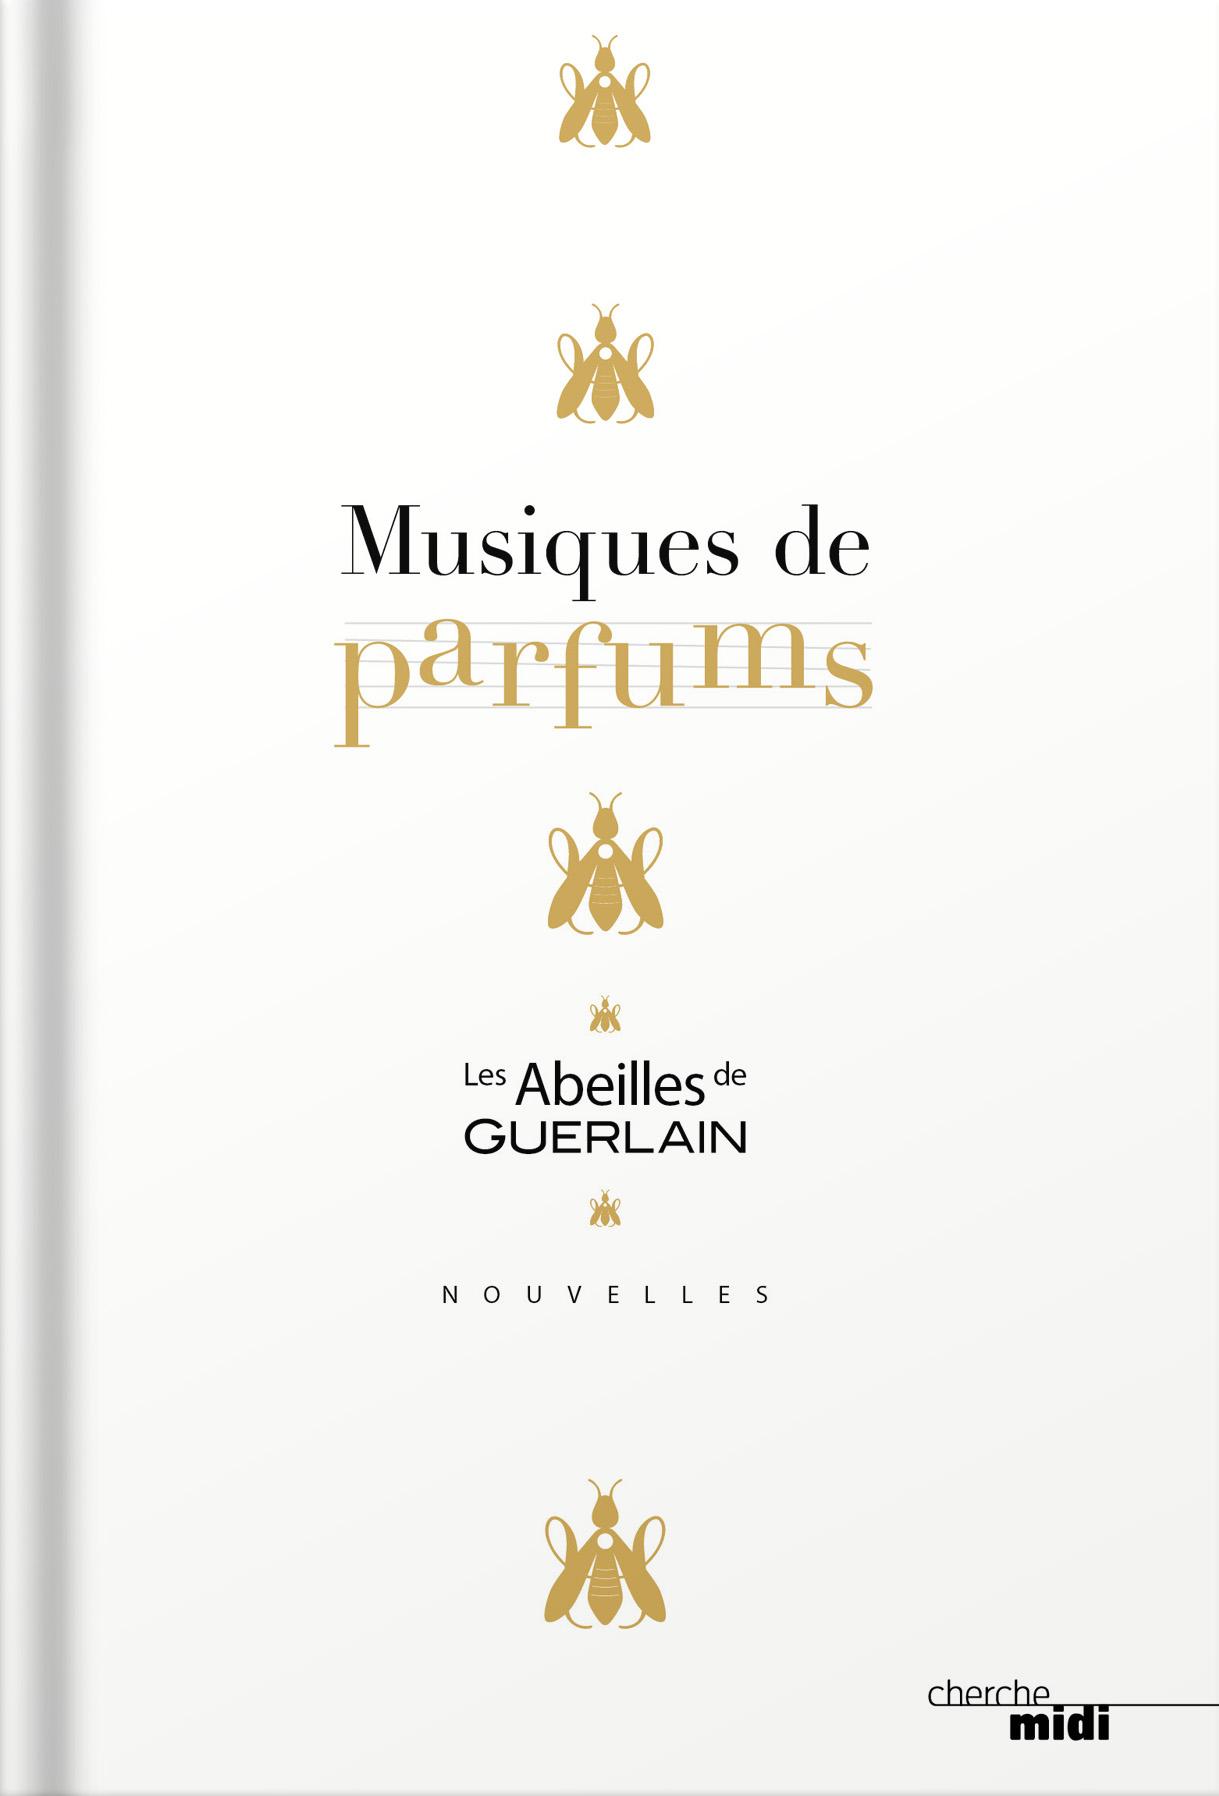 Musiques de parfums, au Cherche midi